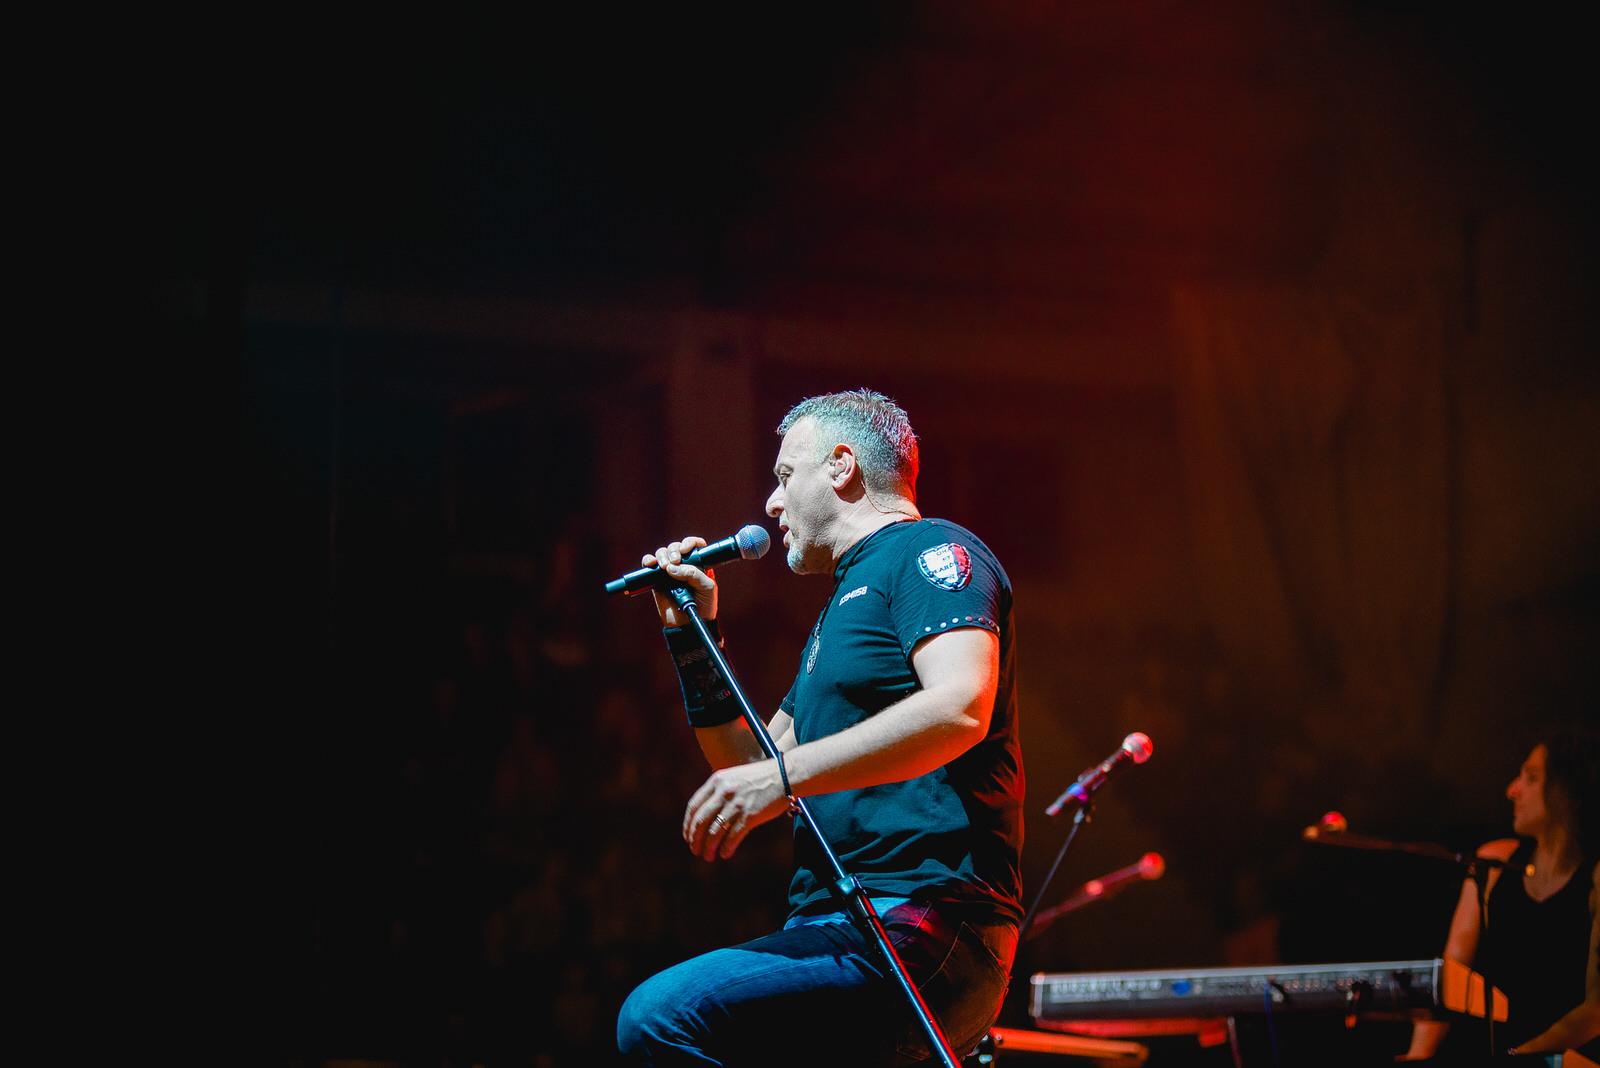 likaclub_gospić_koncert-thompson_2018-78